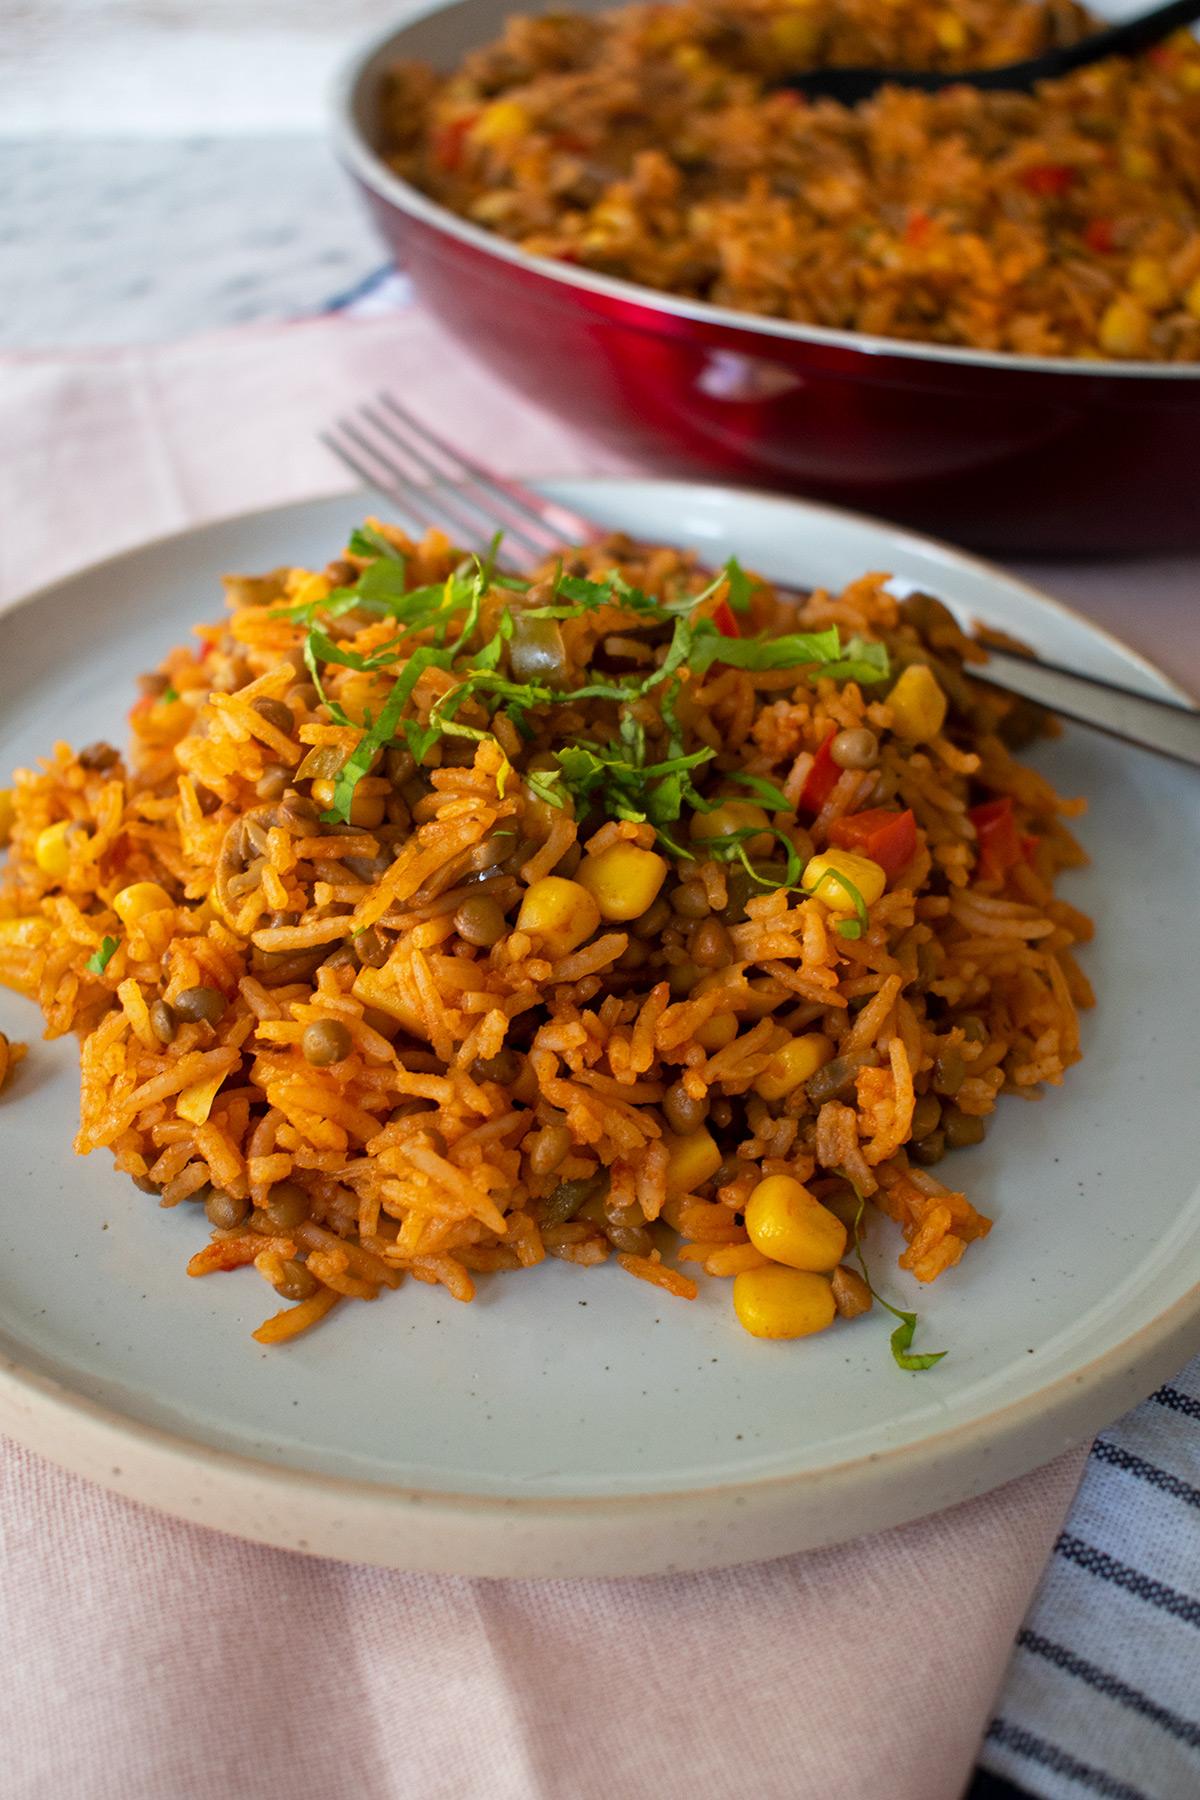 Arroz con verduras servido en un plato redondo con un sartén al fondo.